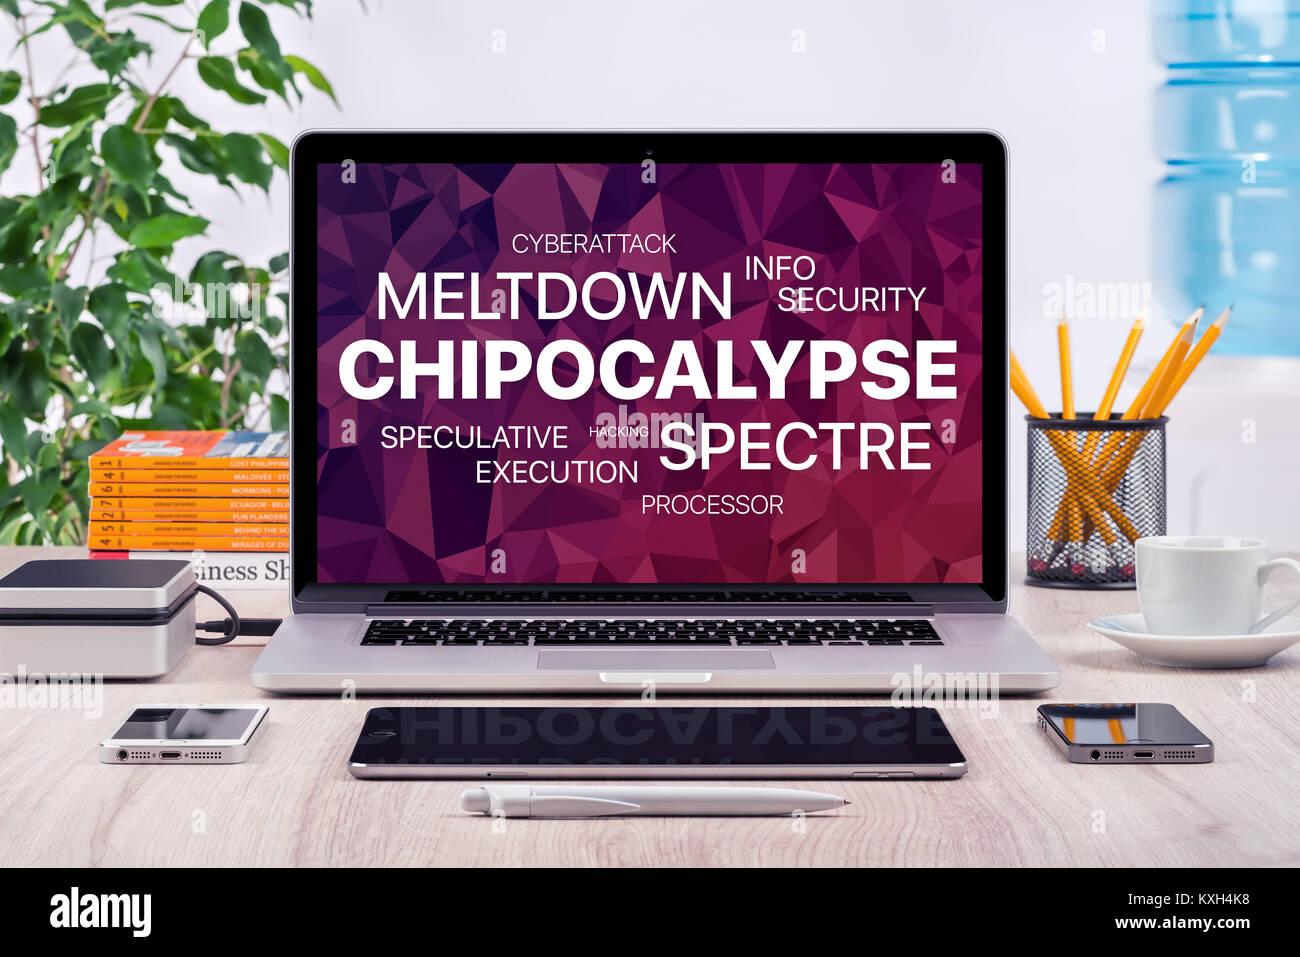 Concepto Chipocalypse con deshielos y espectro amenaza sobre la pantalla de un ordenador portátil en la oficina. Imagen De Stock